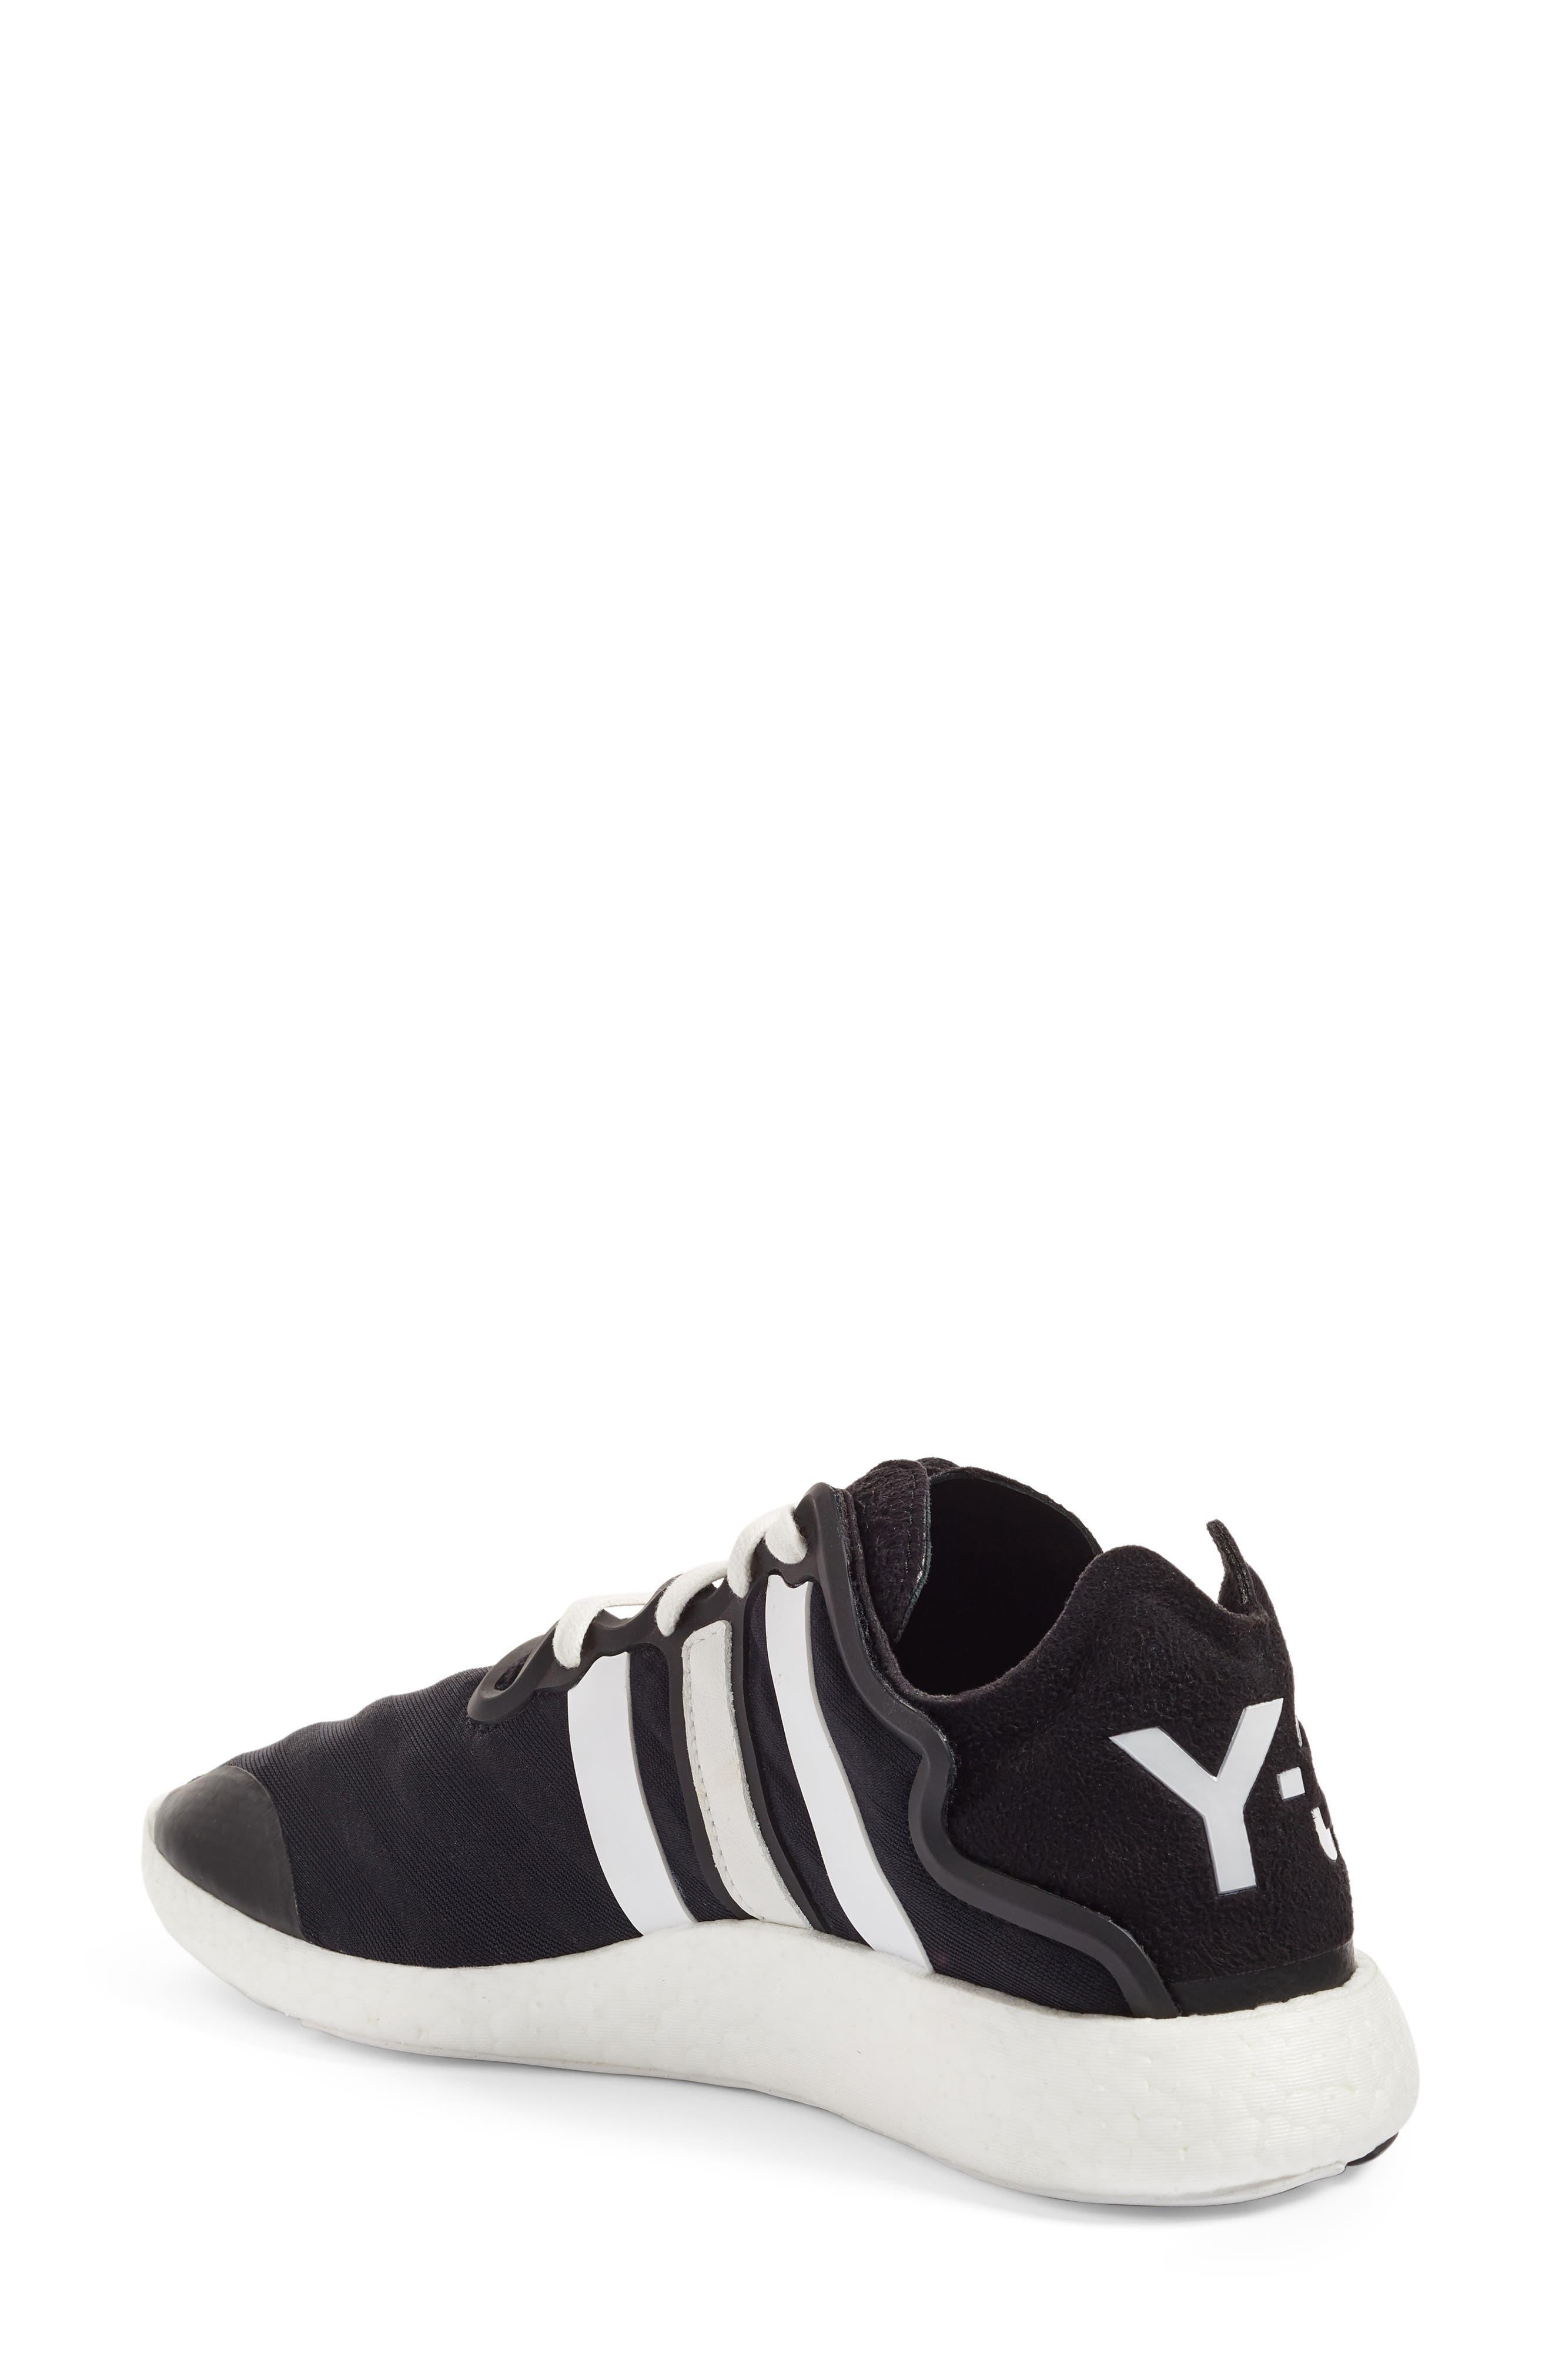 Alternate Image 2  - Y-3 Yohji Run Sneaker (Women)